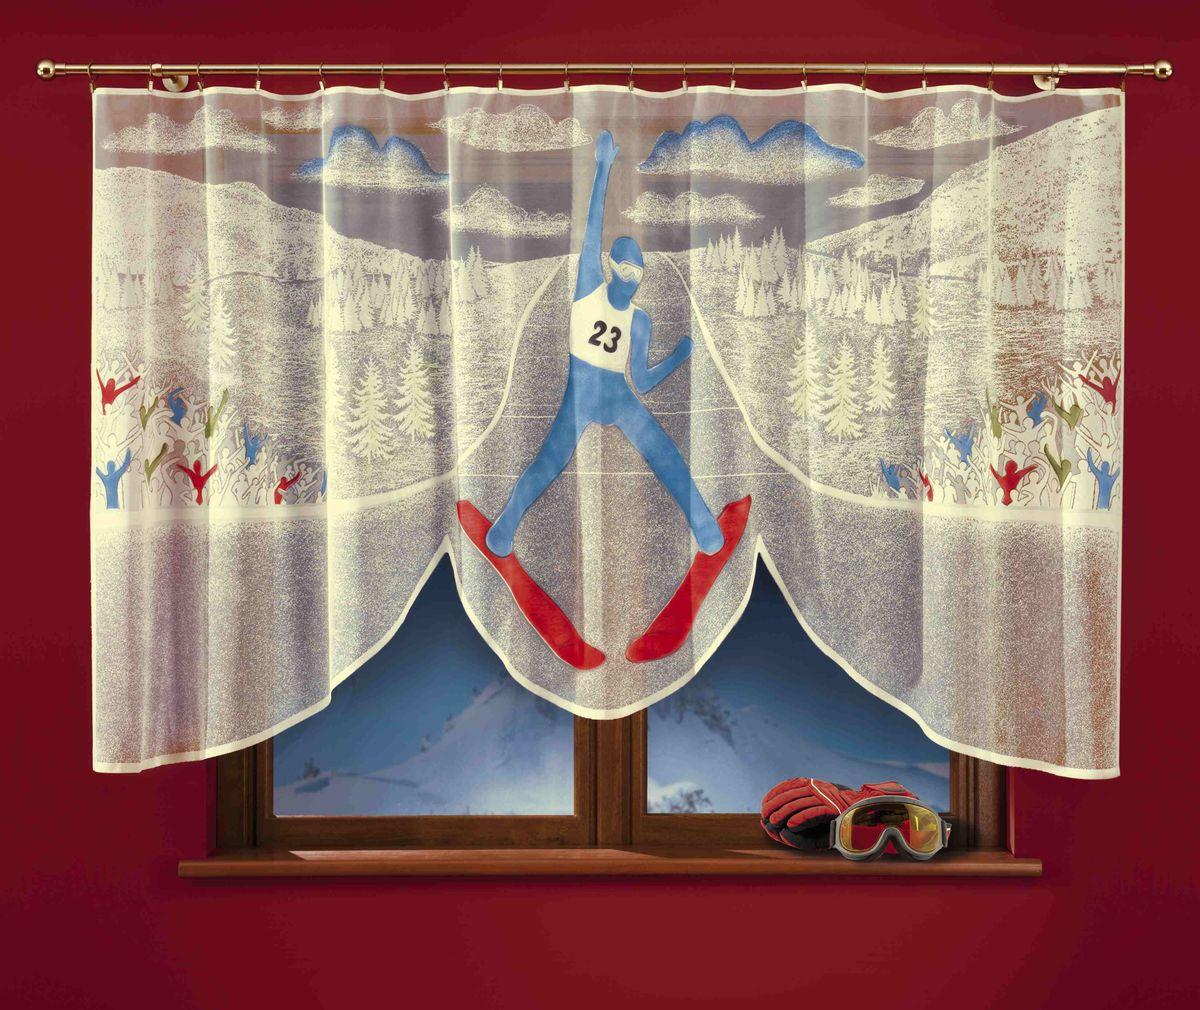 Гардина Wisan Skoczek, цвет: молочный, высота 150 смSVC-300Гардина Wisan Skoczek изготовлена из полиэстера, легкой, тонкой ткани. Изделие украшено ручной раскраской в виде лыжника на соревнованиях. Тонкое плетение, оригинальный дизайн и приятная цветовая гамма привлекут к себе внимание и органично впишутся в интерьер кухни. Оригинальное оформление гардины внесет разнообразие и подарит заряд положительного настроения.Гардина не оснащена креплениями.